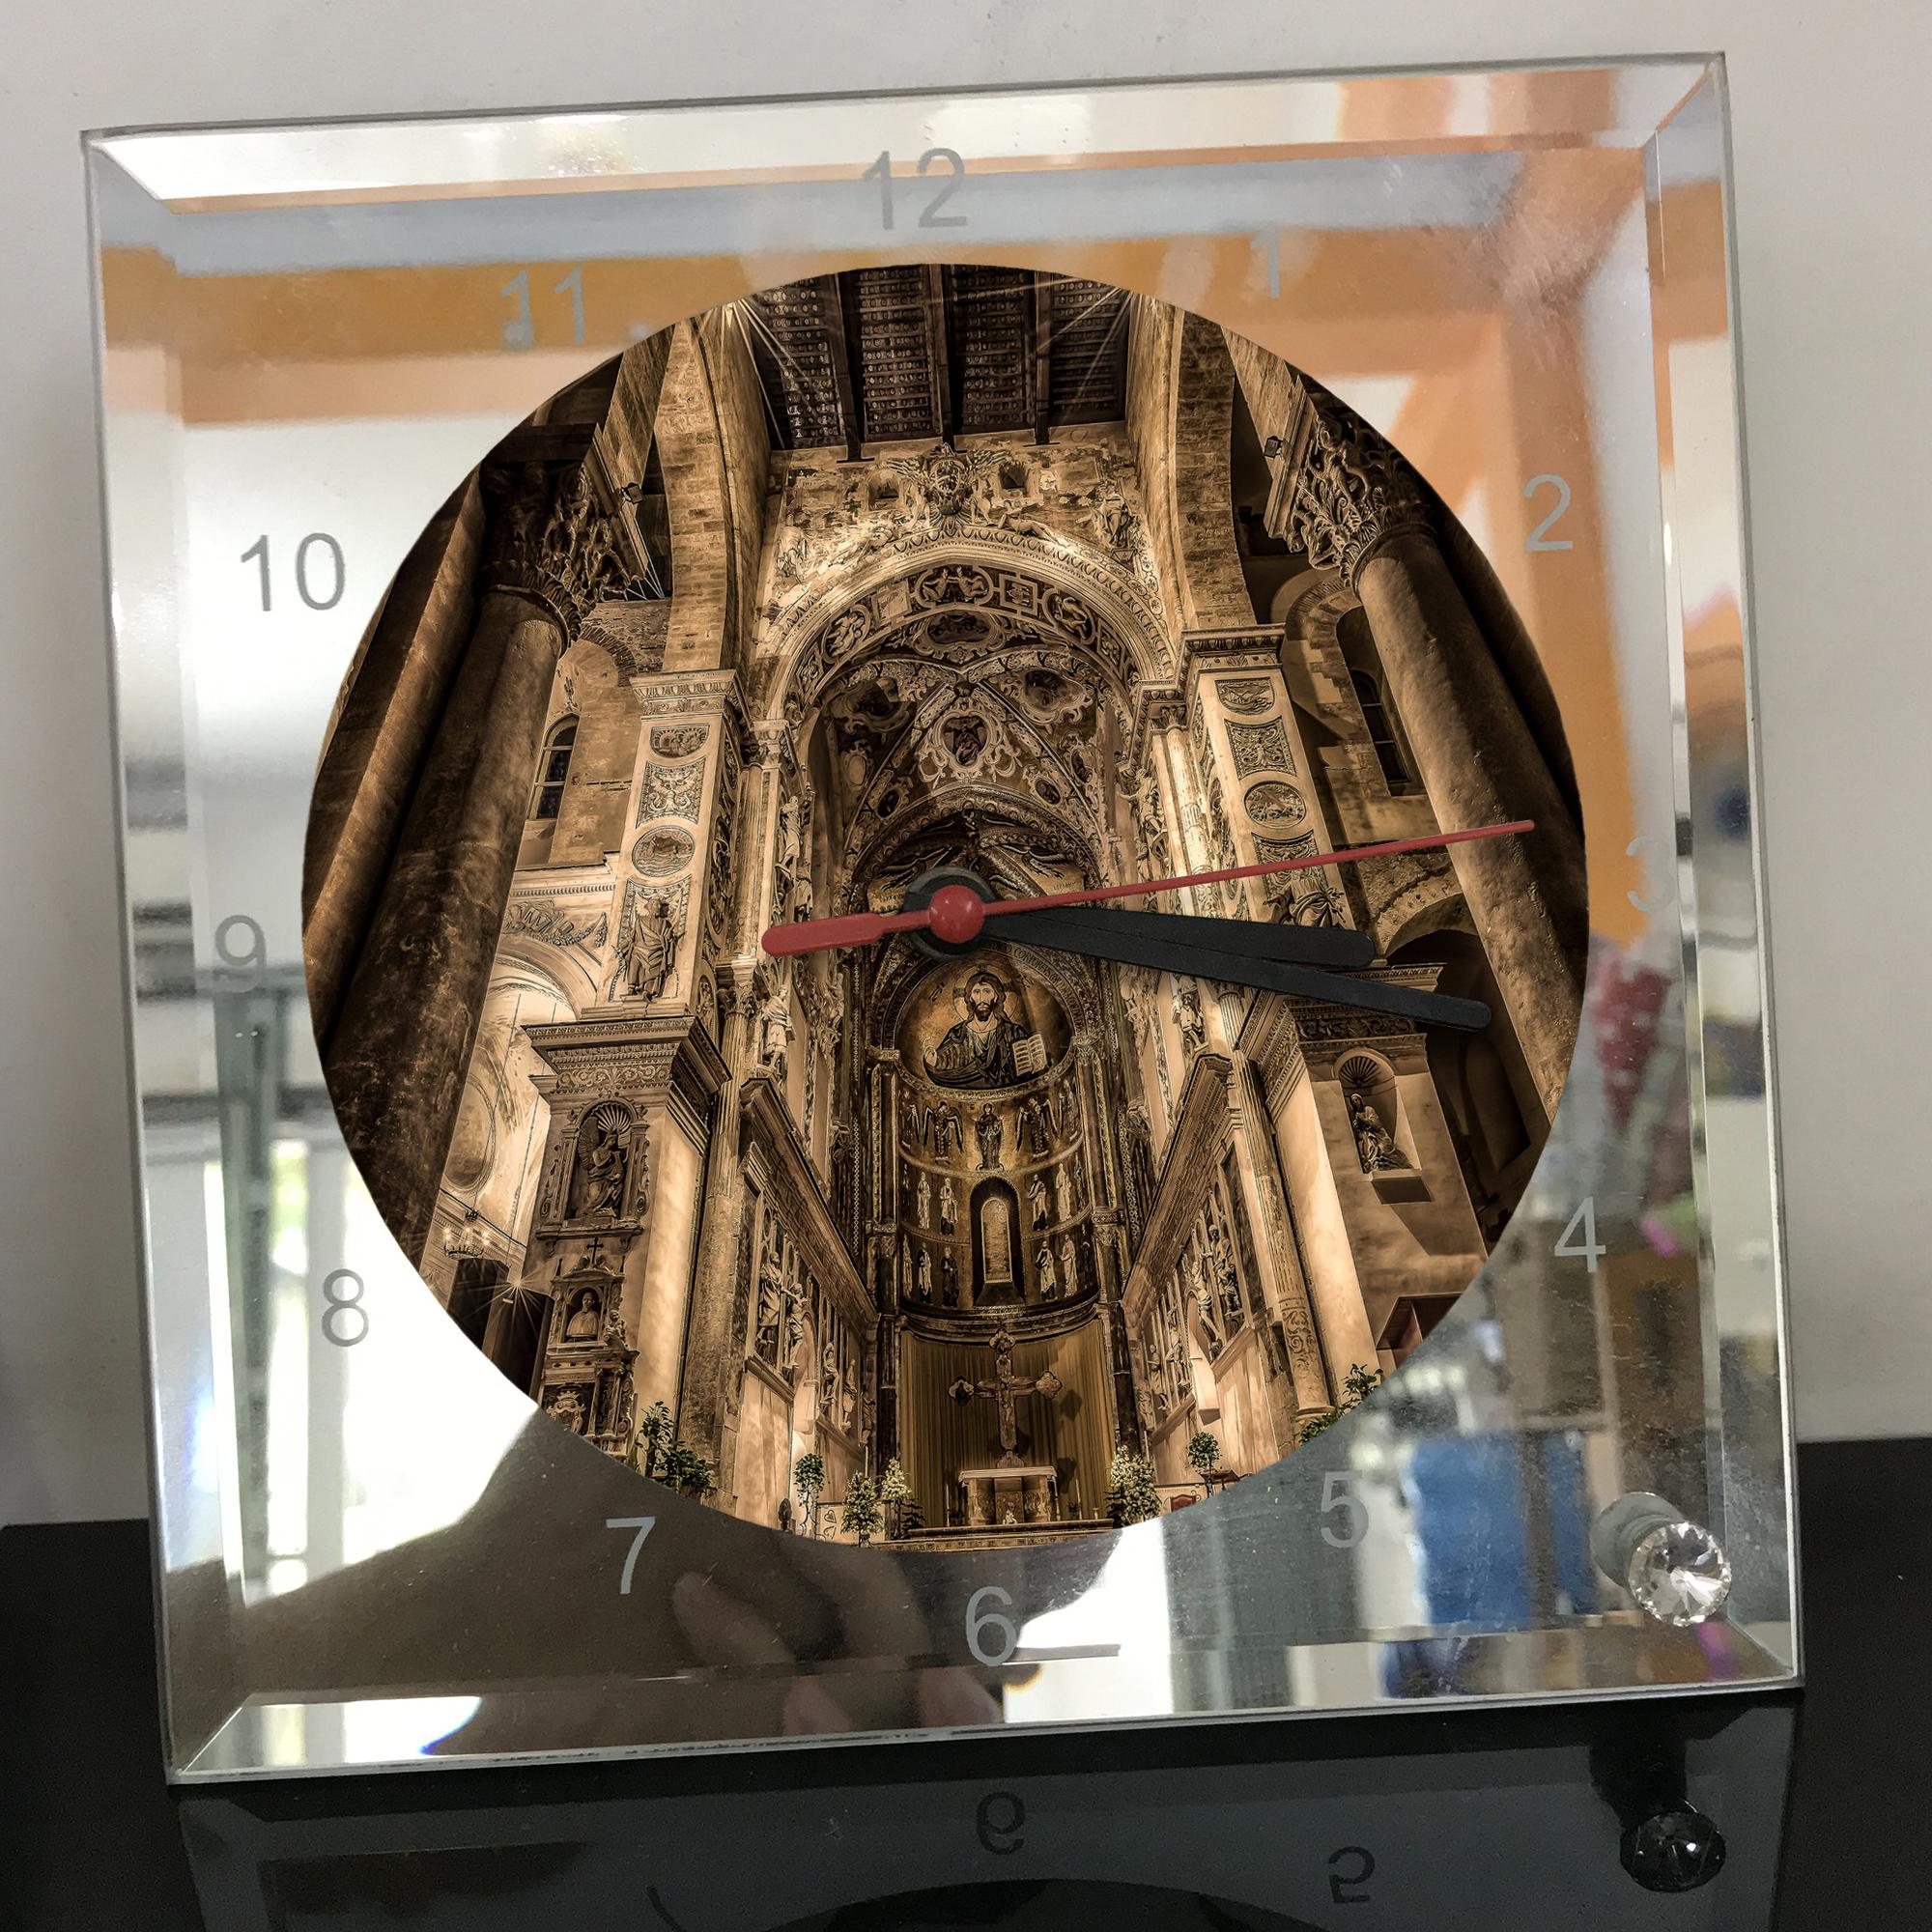 Đồng hồ vuông thủy tinh 20x20 in hình Cathedral - nhà thờ chính tòa (58) . Đồng hồ thủy tinh để bàn trang trí đẹp chủ đề tôn giáo